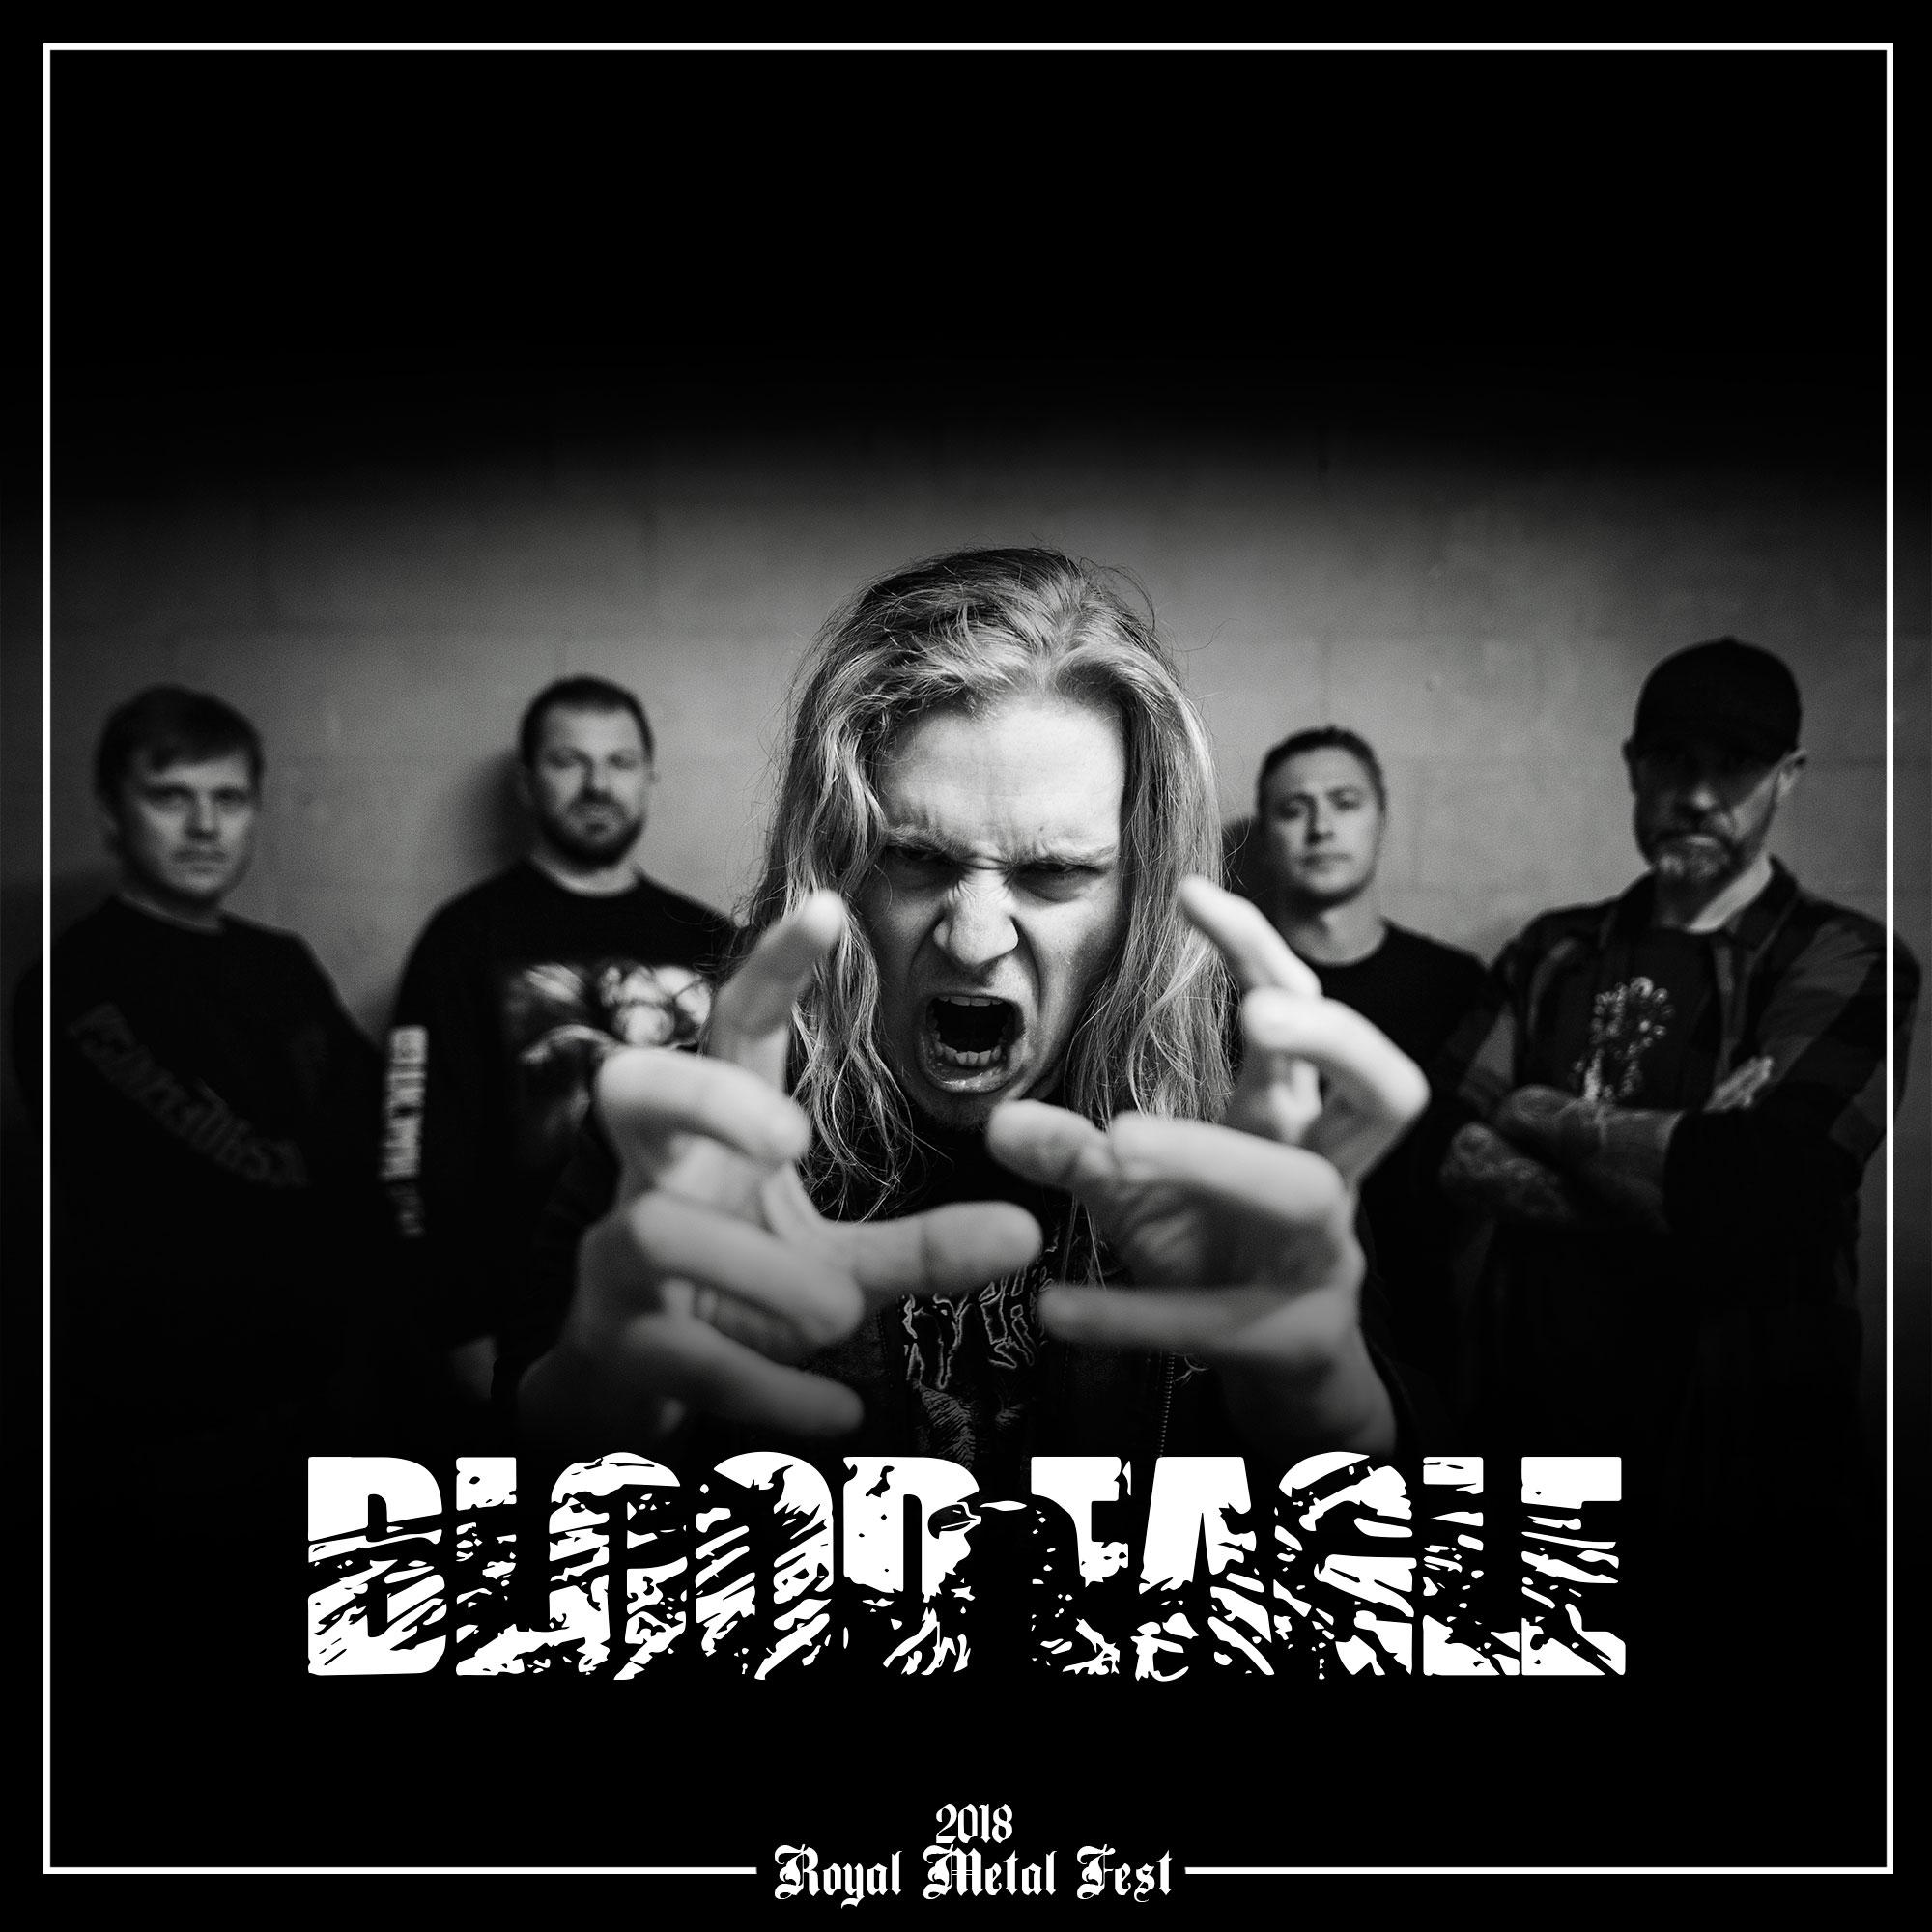 Blood Eagle (DK)